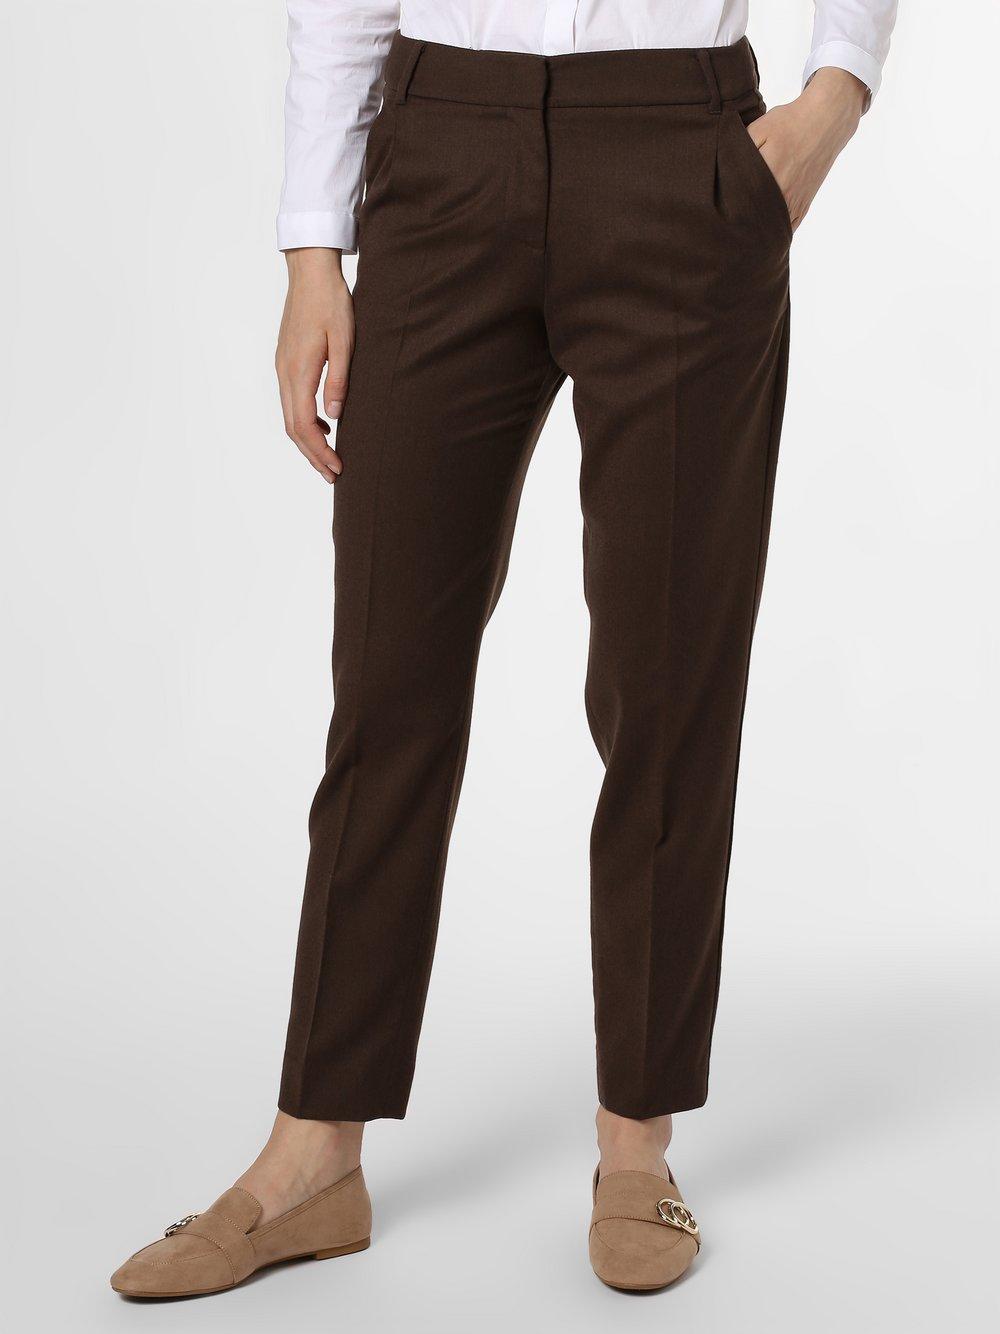 Weekend Max Mara - Spodnie damskie, brązowy